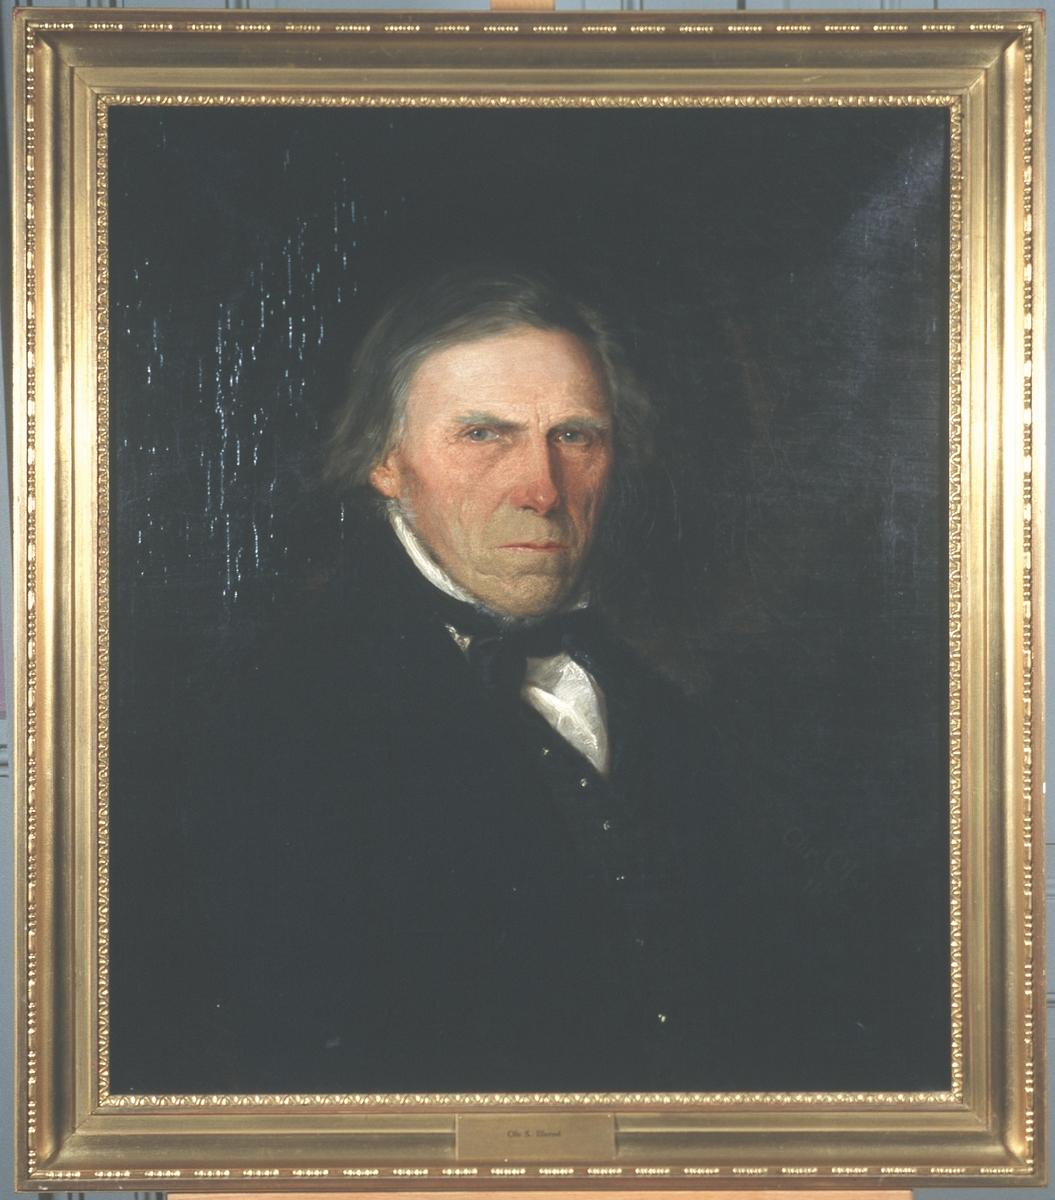 Portrett av Ole Illerød. Mørk drakt, vest og halsbind. Hvit skjorte.